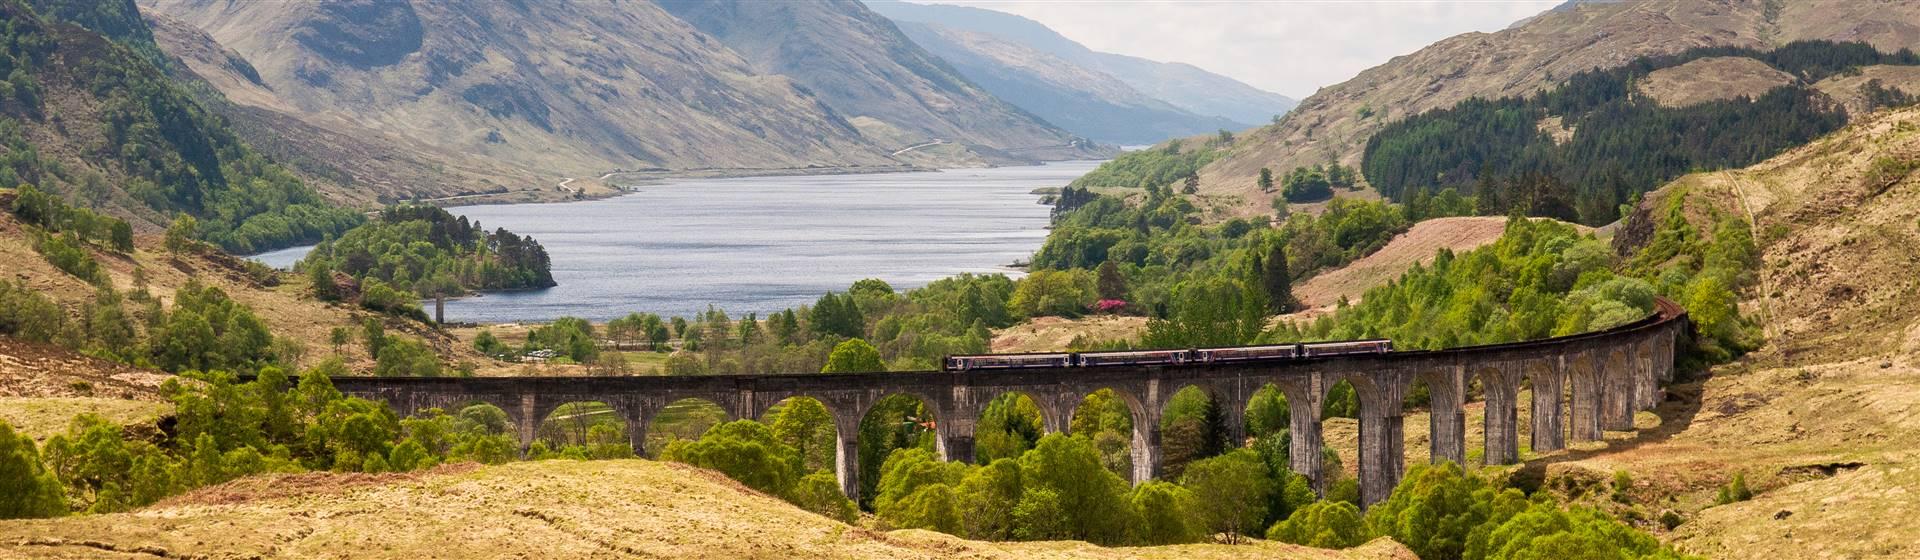 """<img src=scotrailpassengertraincrossestheglenfinnanviaductshutterstock_l"""" alt=""""Glenfinnan Viaduct""""/>"""